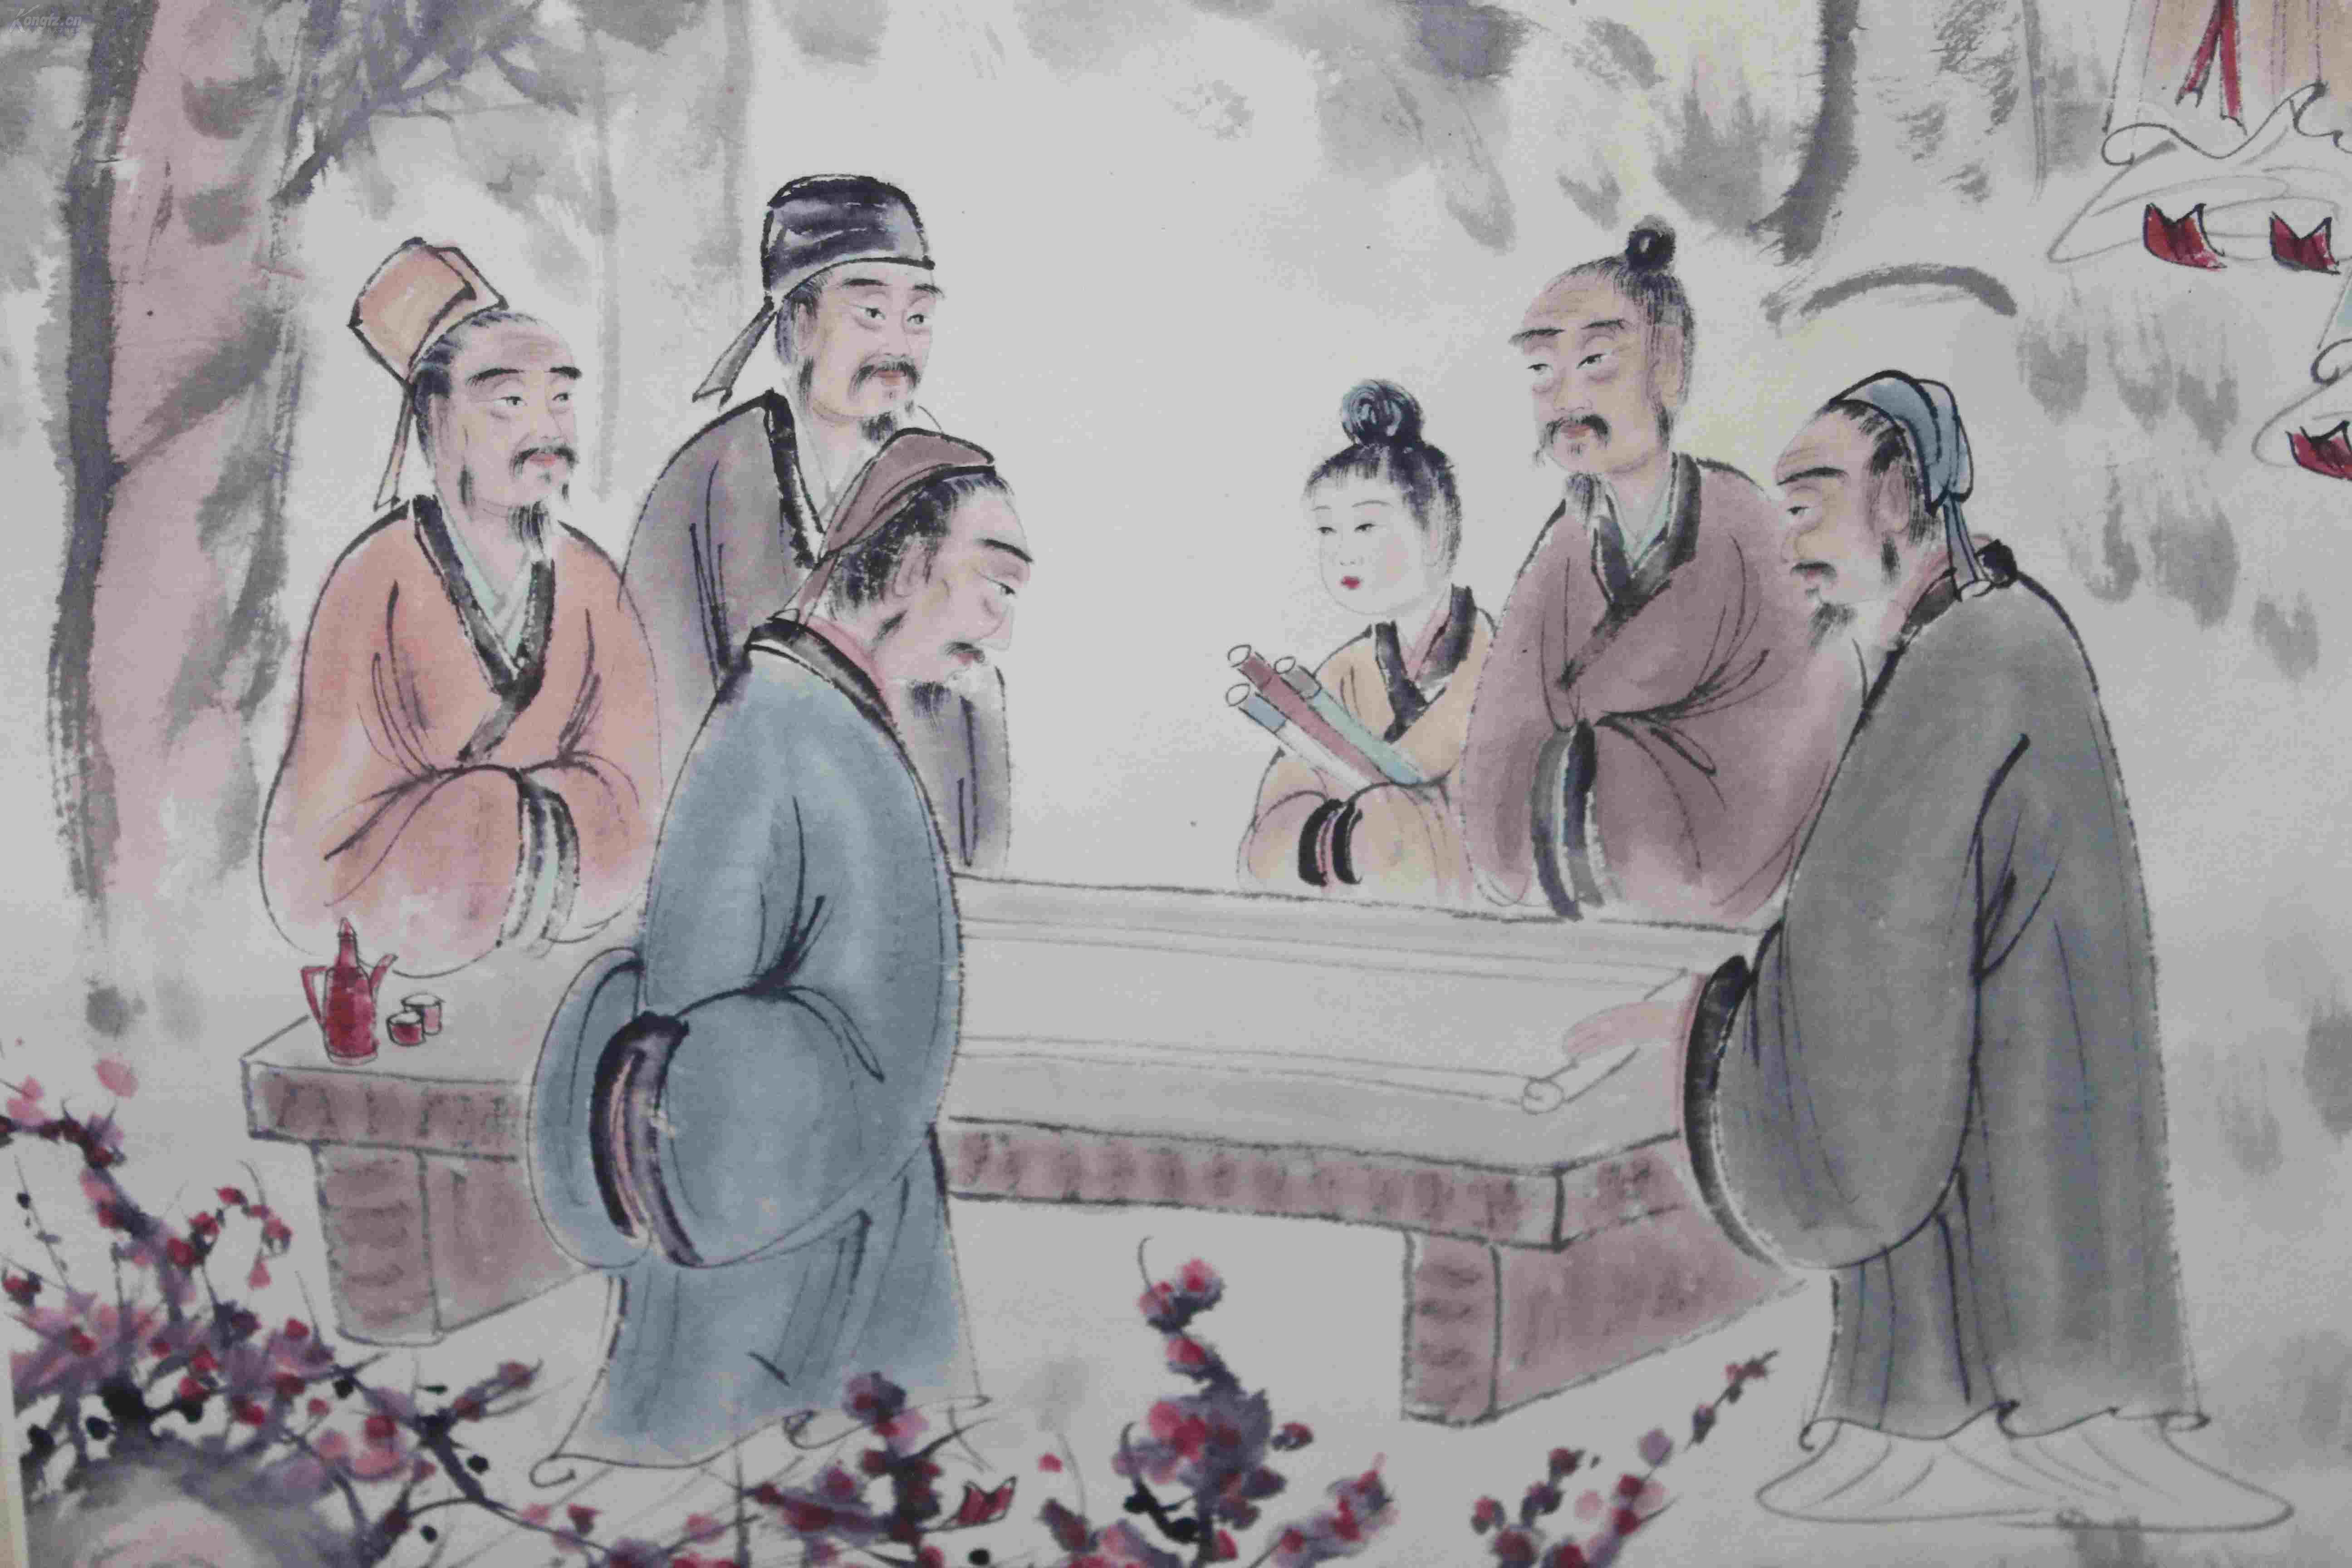 唐朝最懒诗人,仅只靠两首诗赢过大唐众多诗人